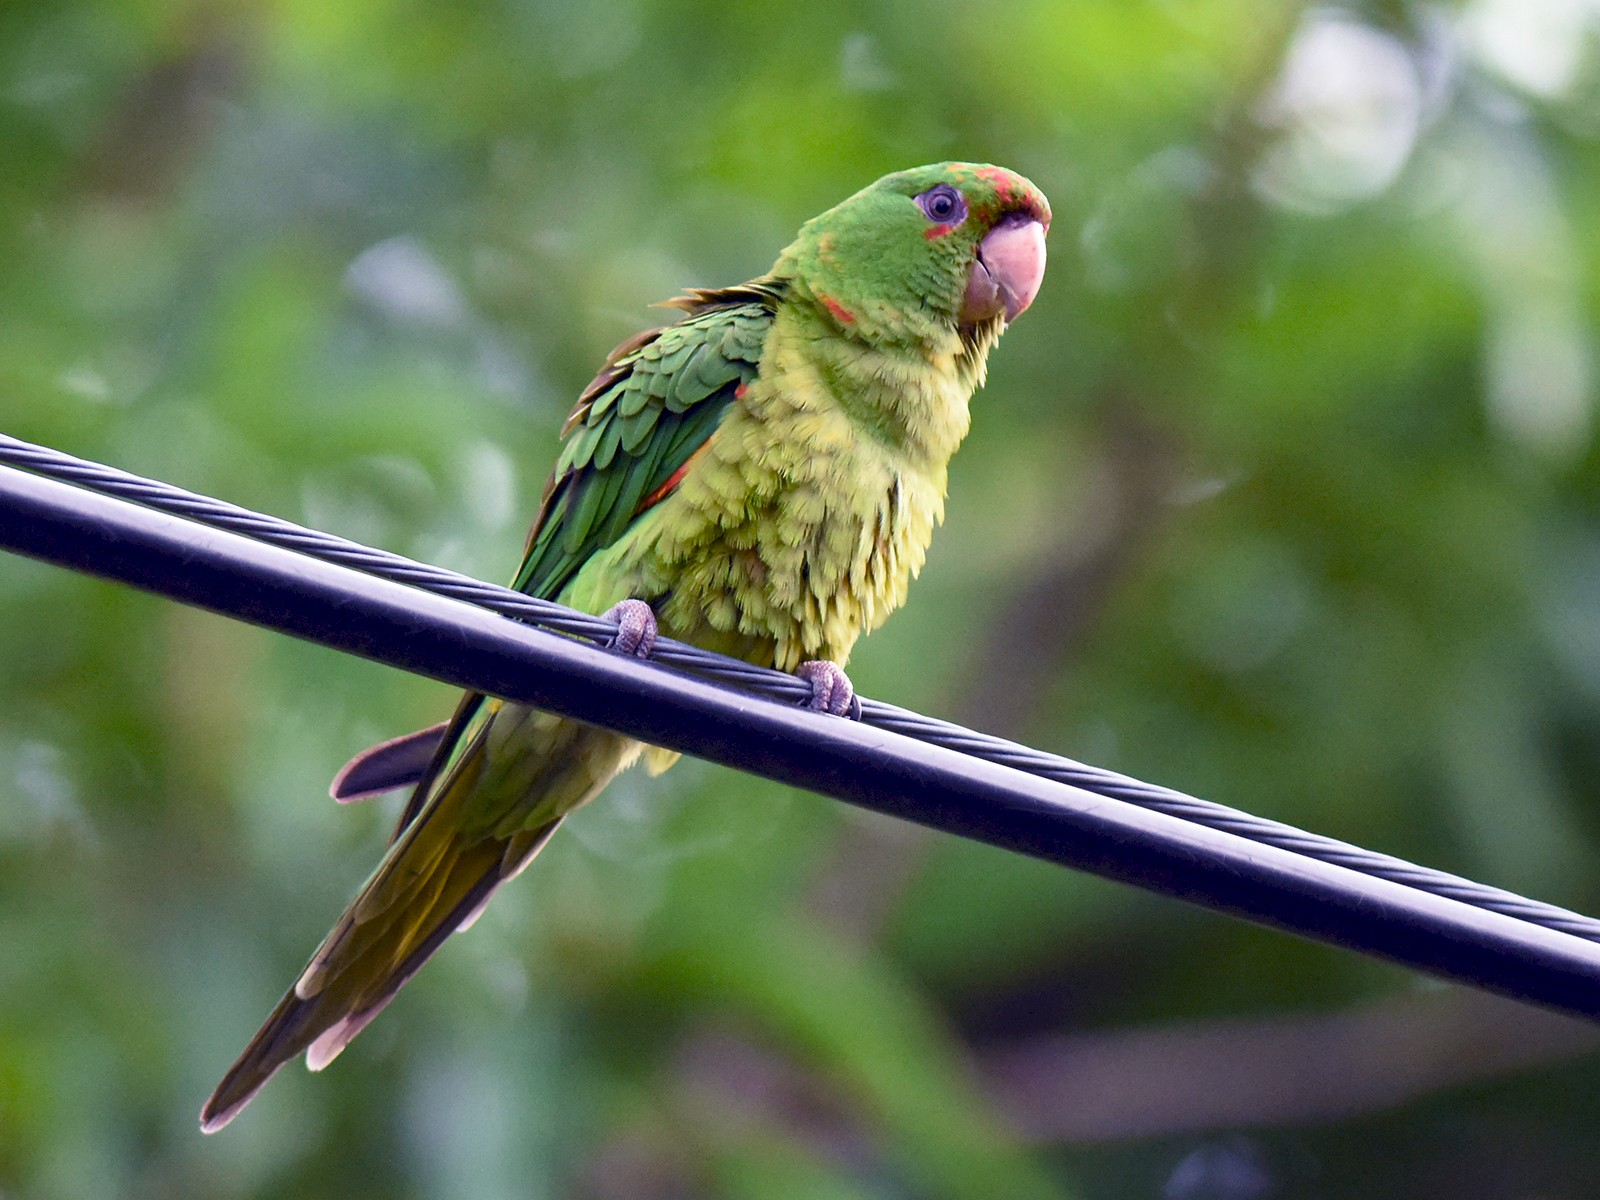 Green Parakeet - Mike Charest